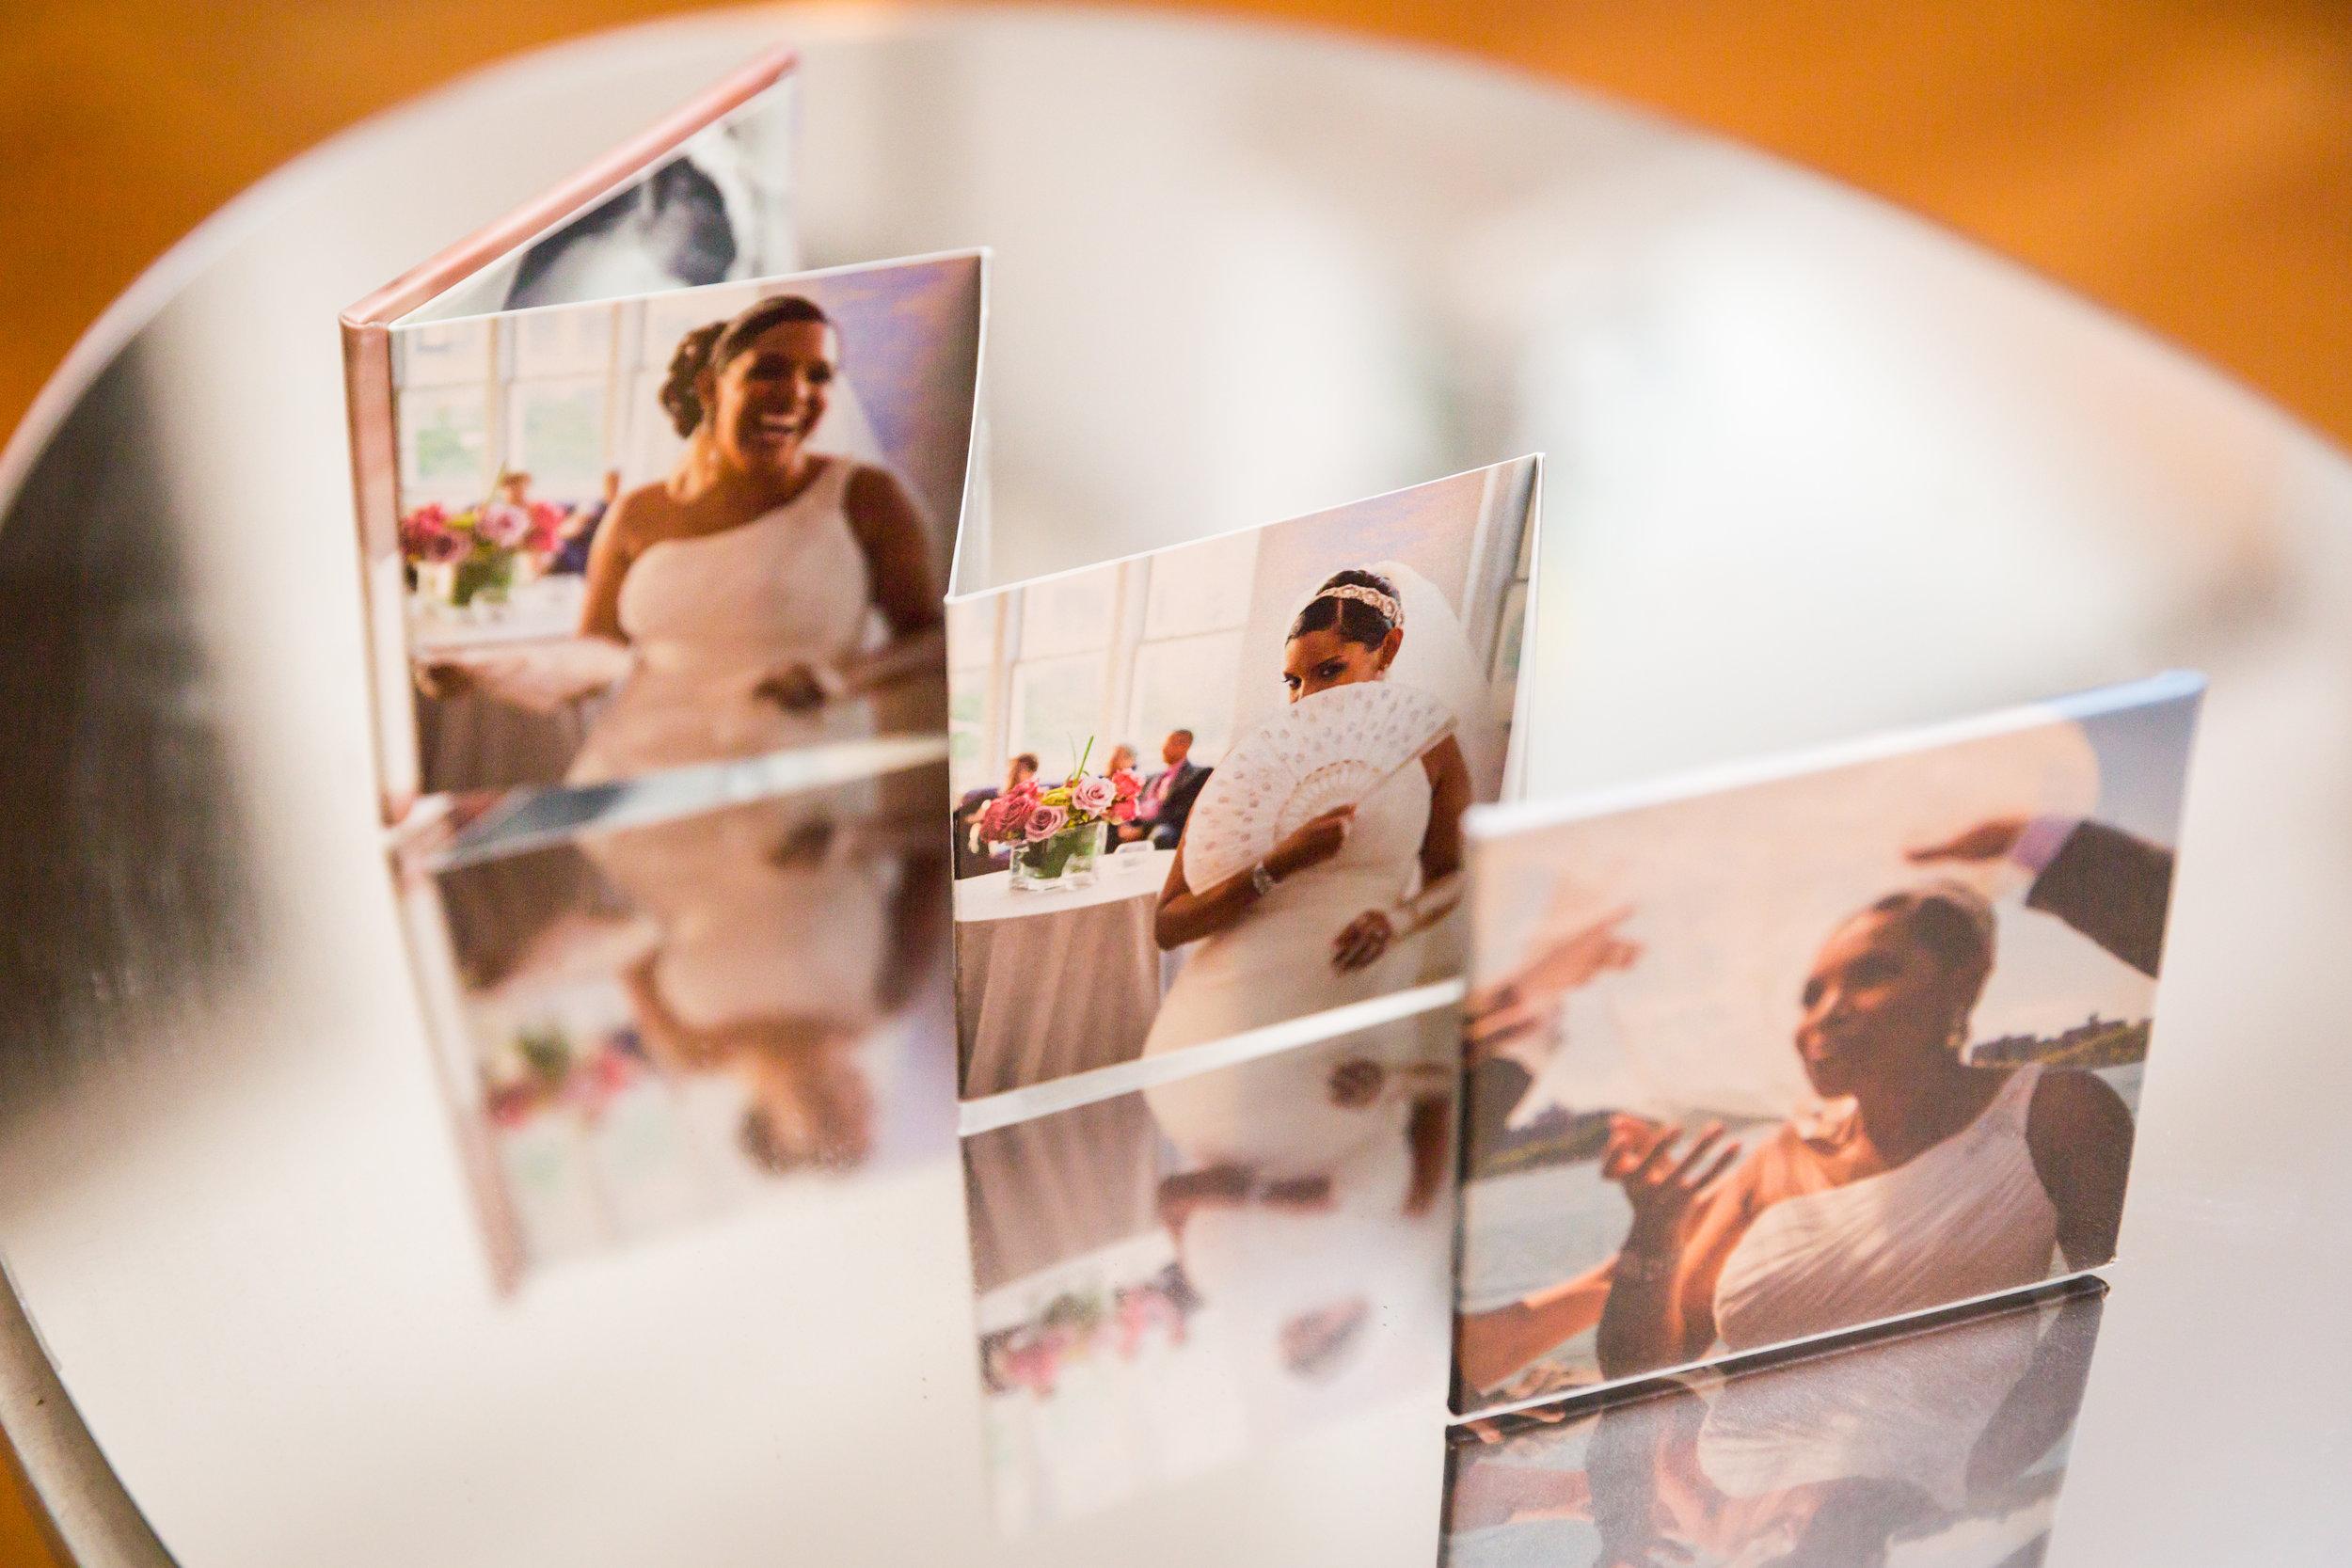 Wedding accordion album with photos of bride